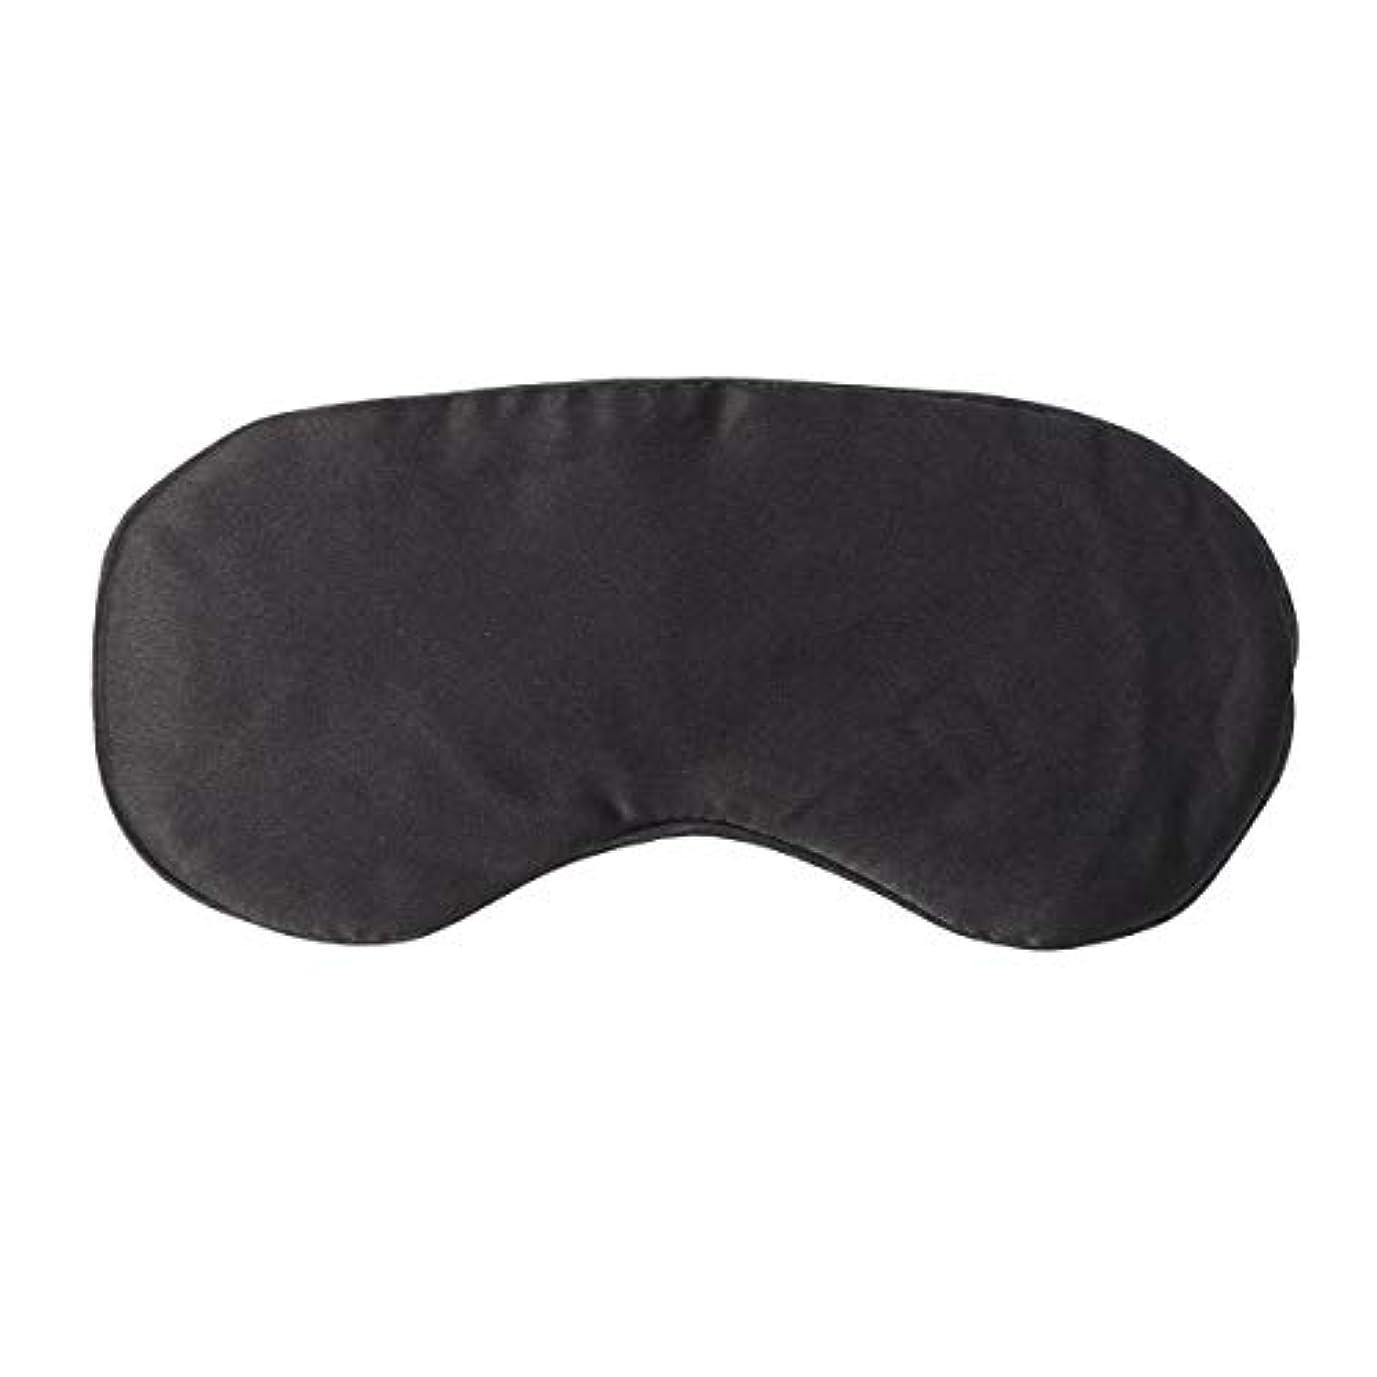 きちんとした手数料シールドSUPVOX模造シルク睡眠アイマスクカバー旅行リラックス援助目隠し旅行援助